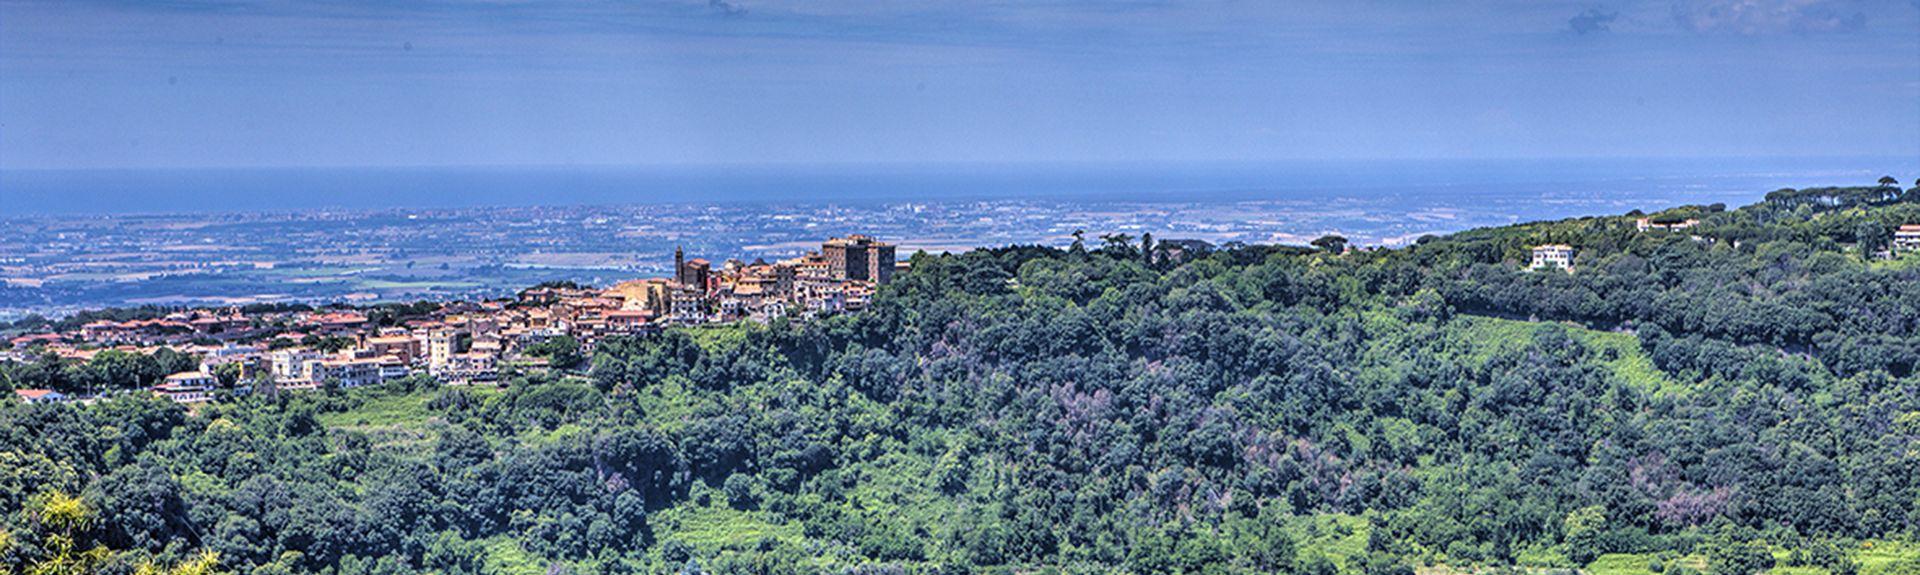 Valmontone, Lazio, Italy